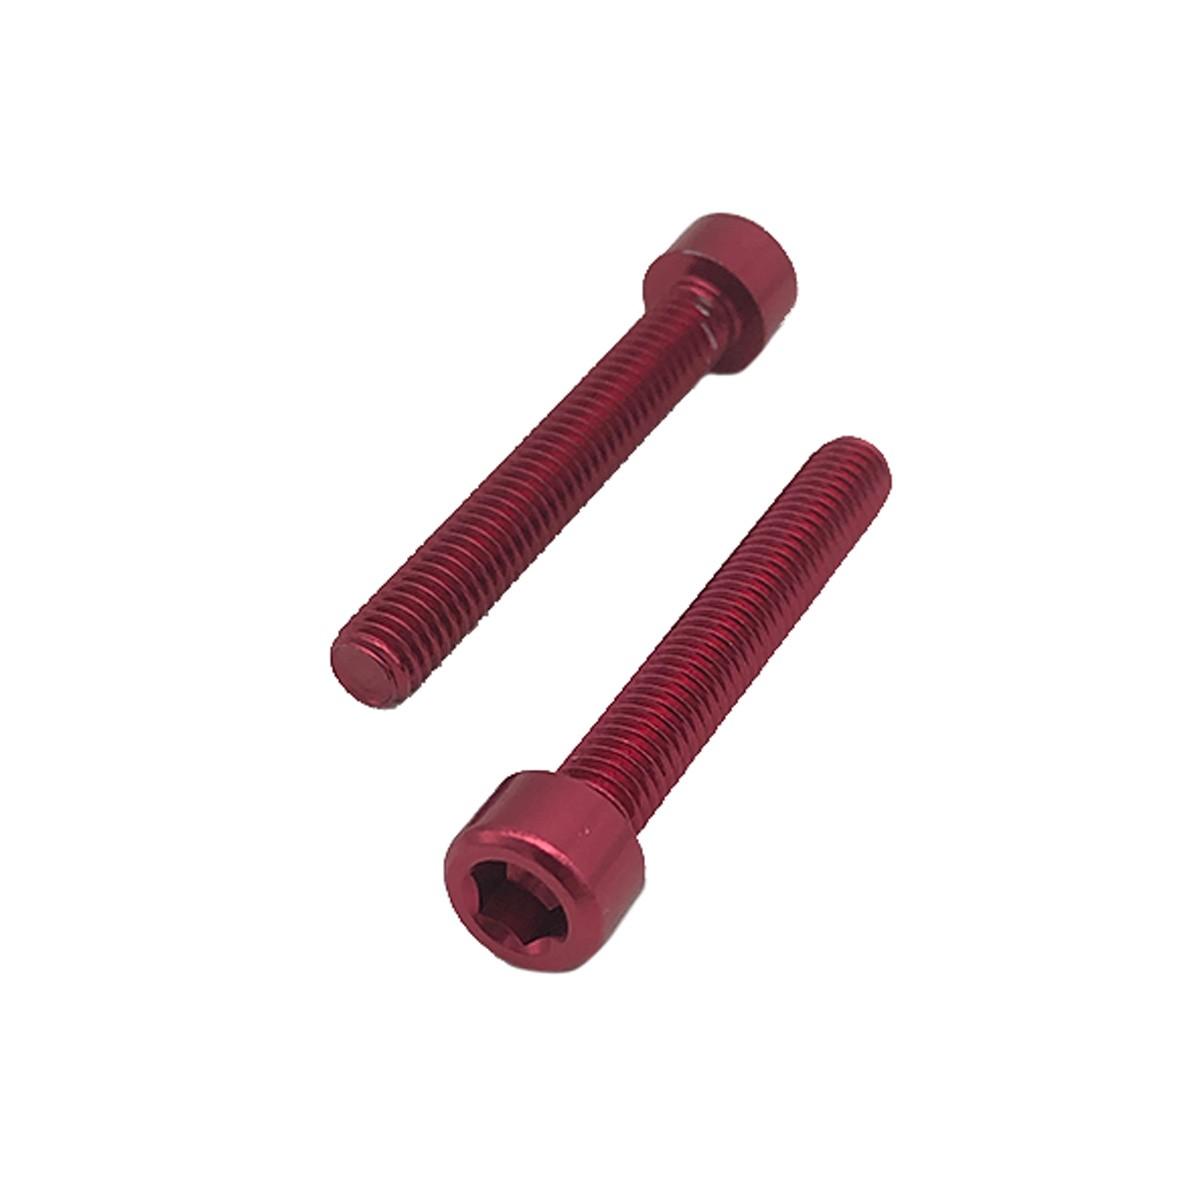 Parafuso Allen de Aluminio Socket Cap M6 x 35mm Vermelho